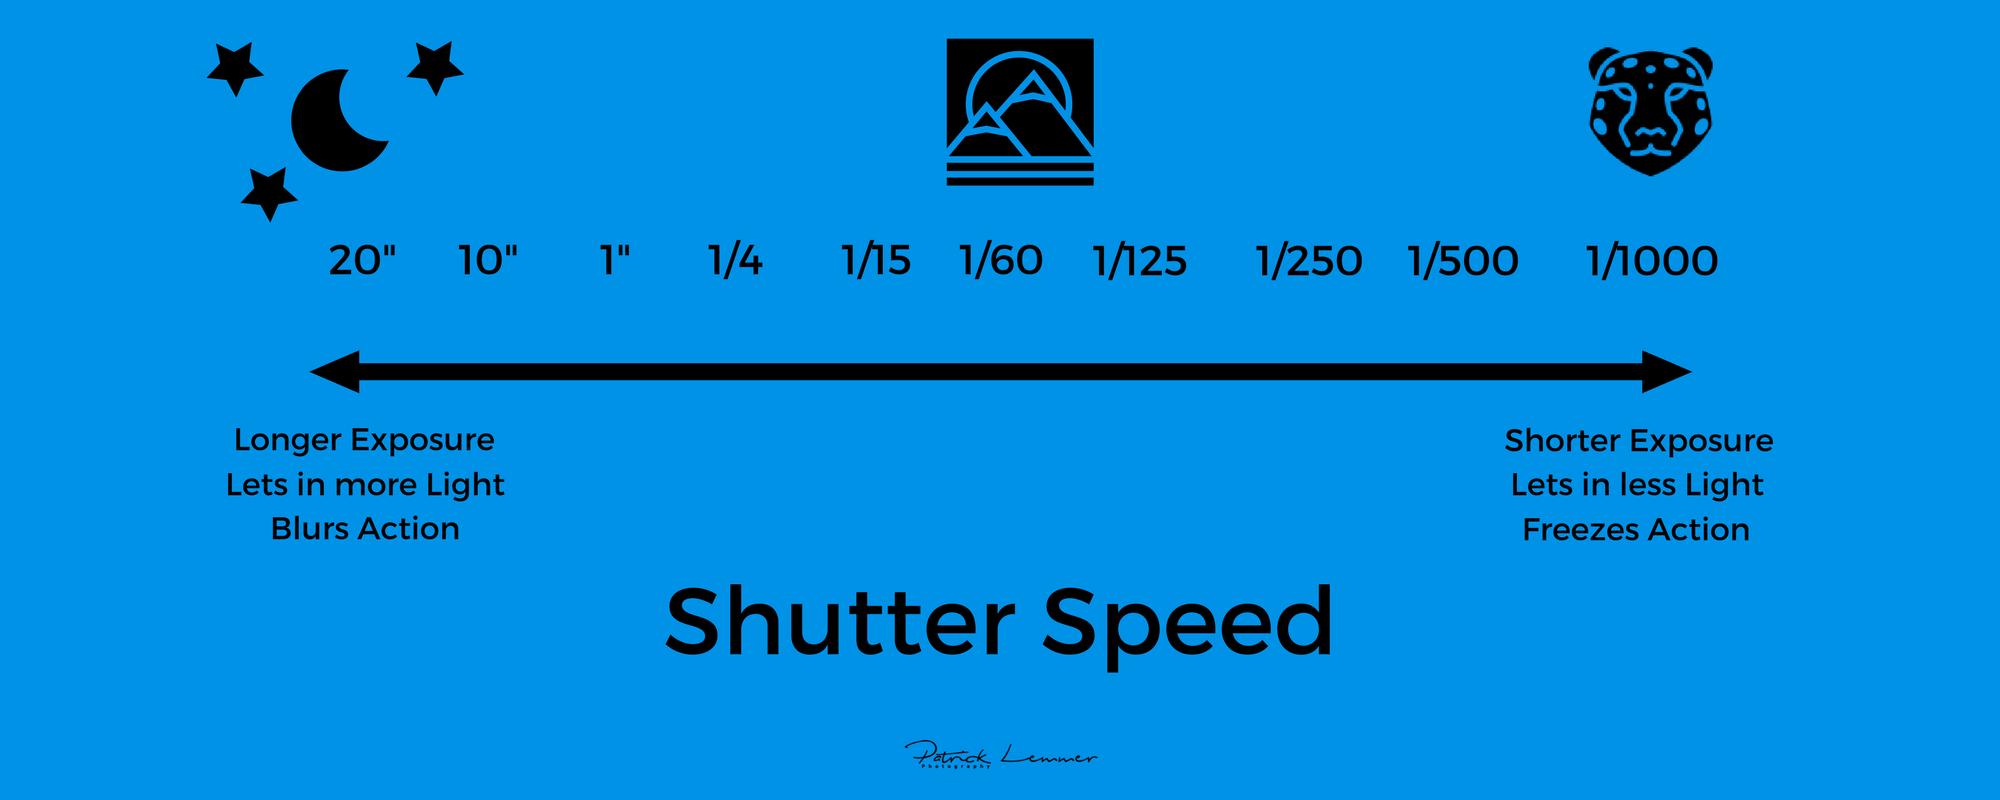 Shutter speed.png